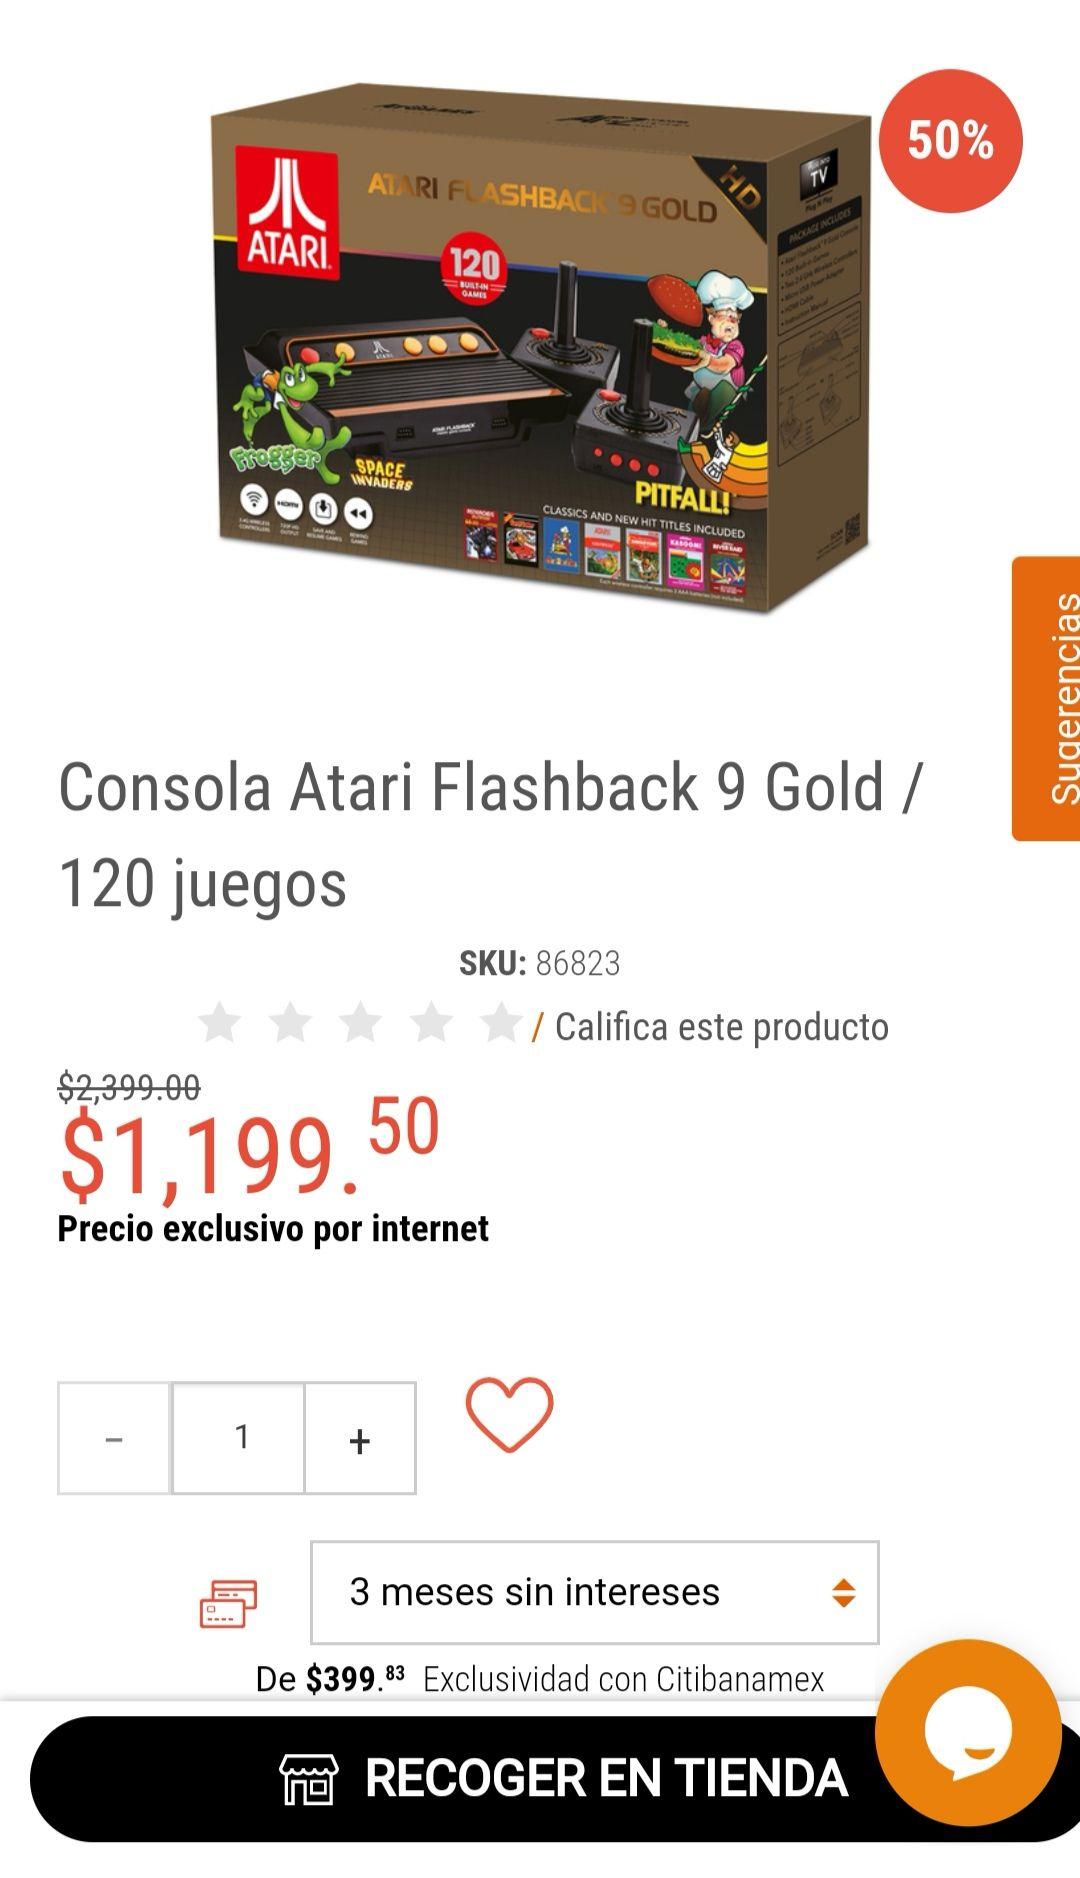 RadioShack: Consola Atari Flashback 9 Gold